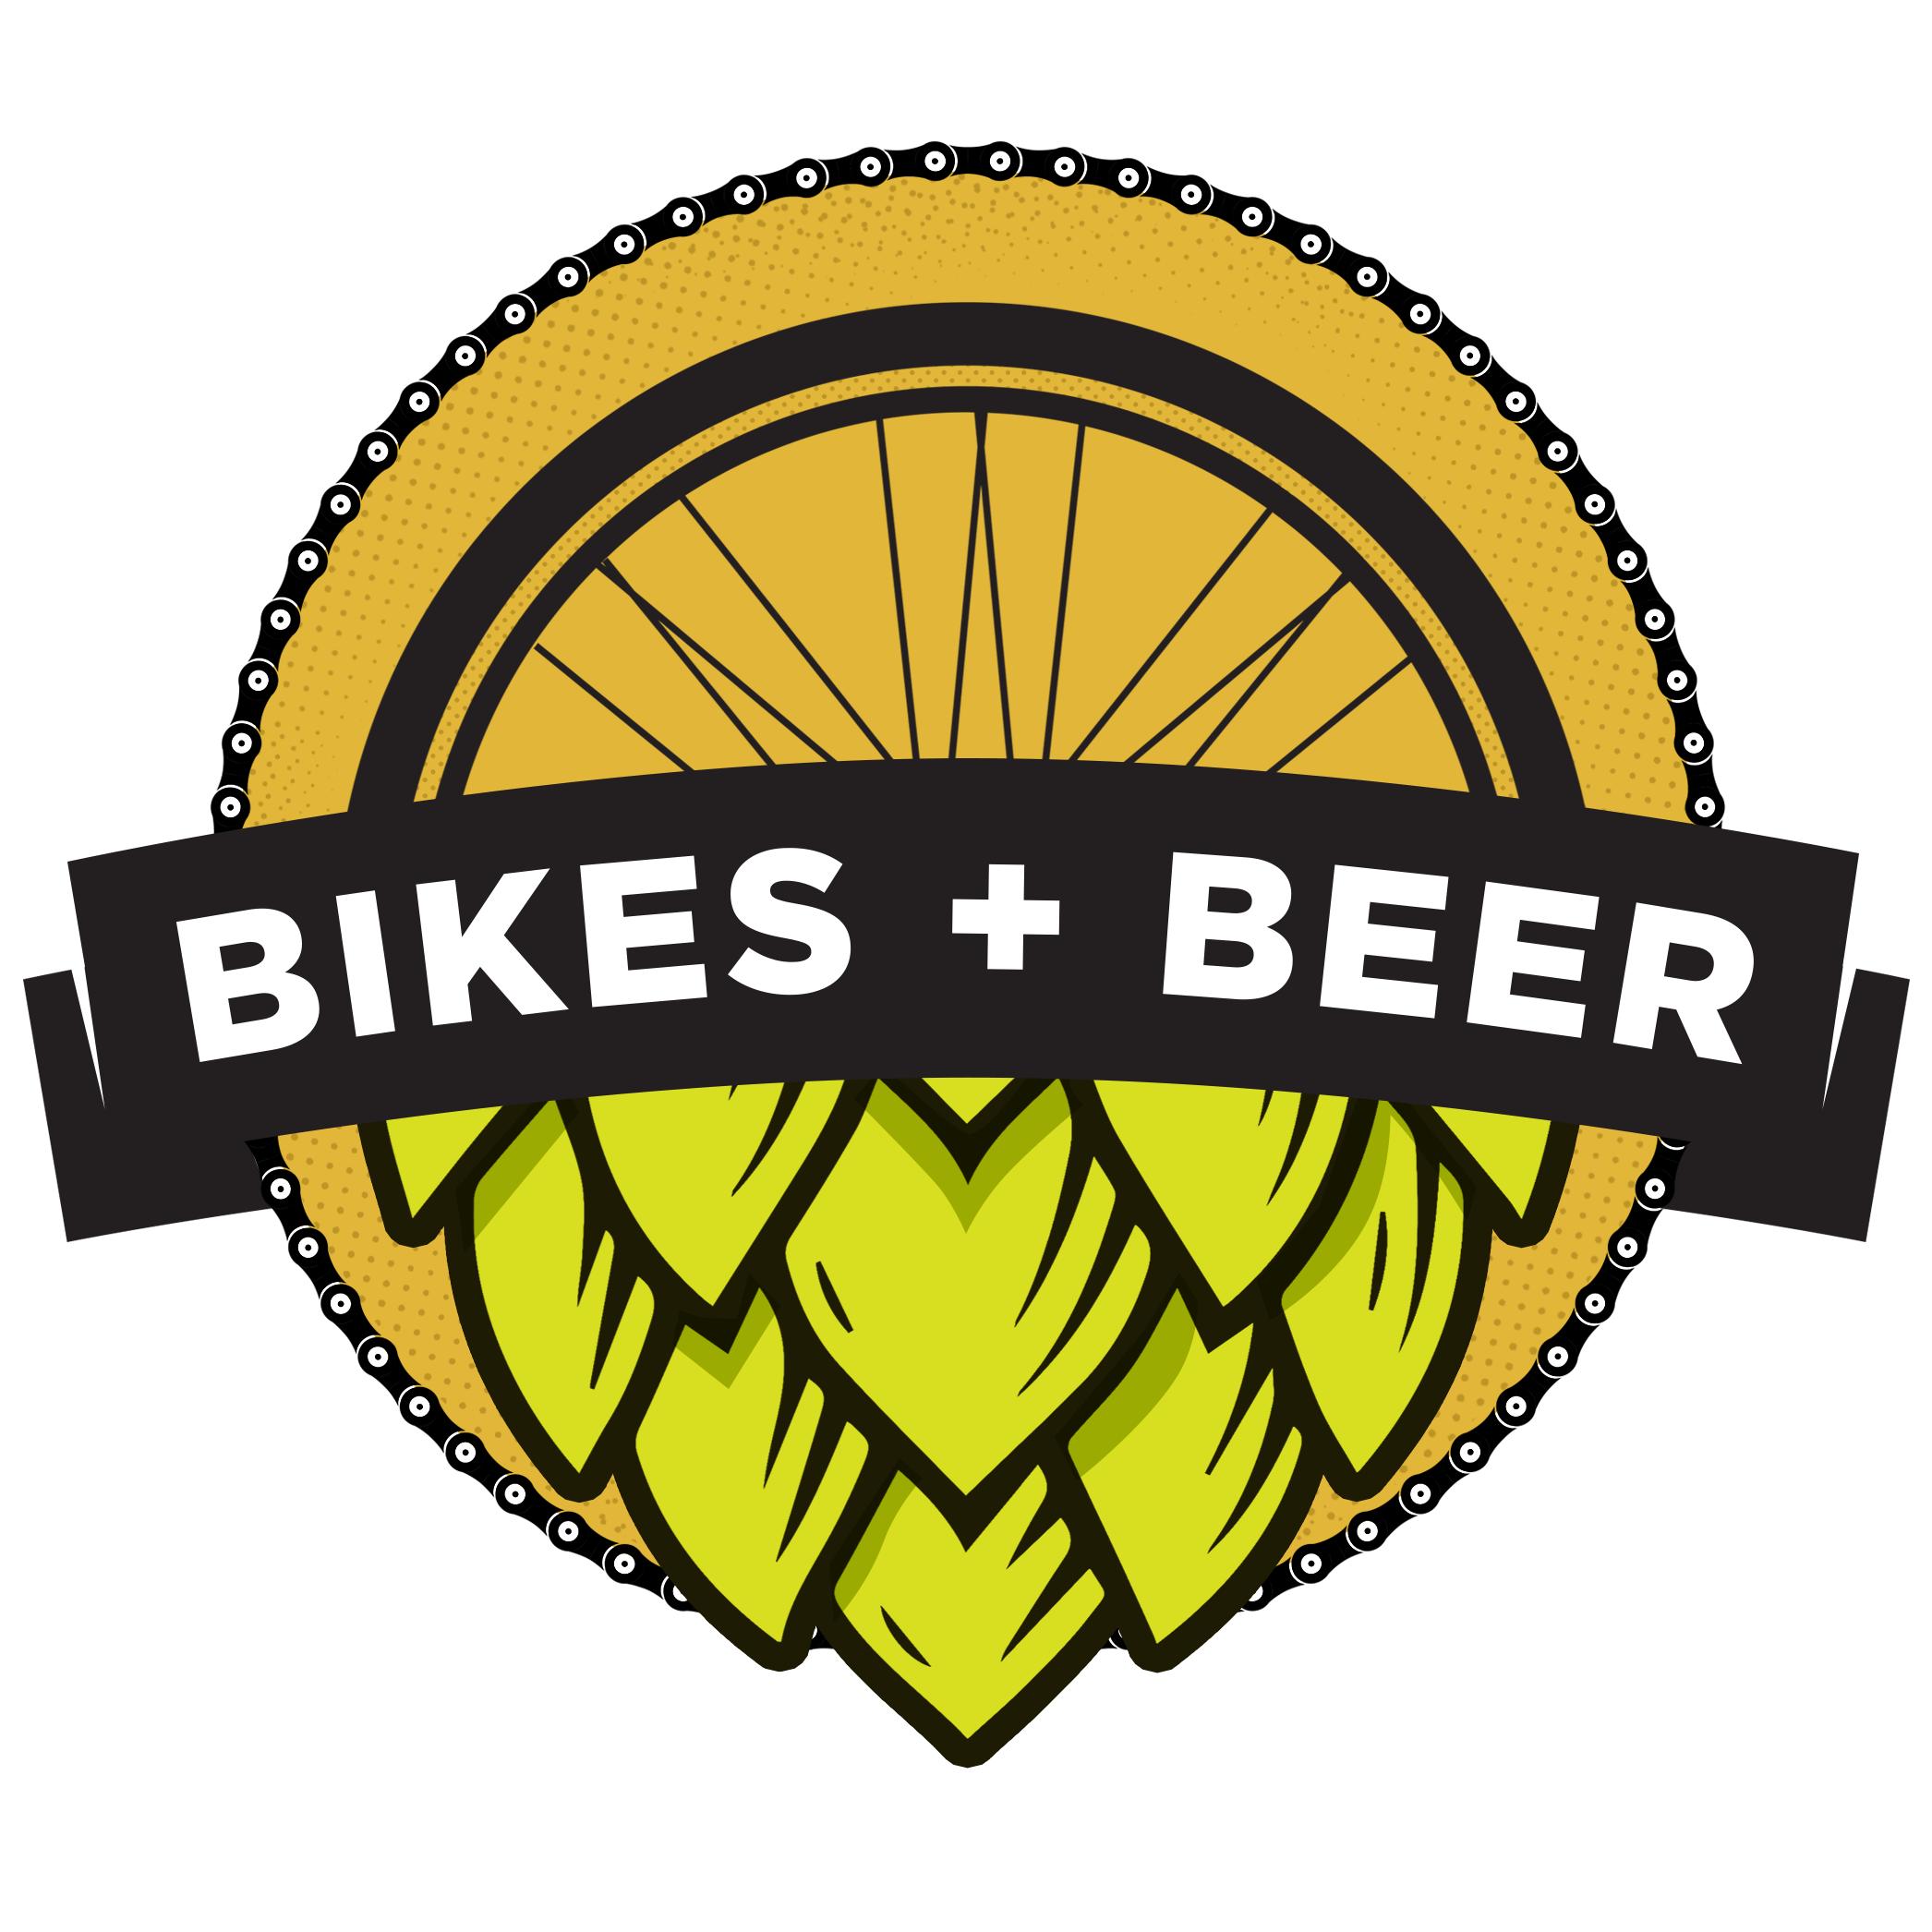 Bikes + Beer